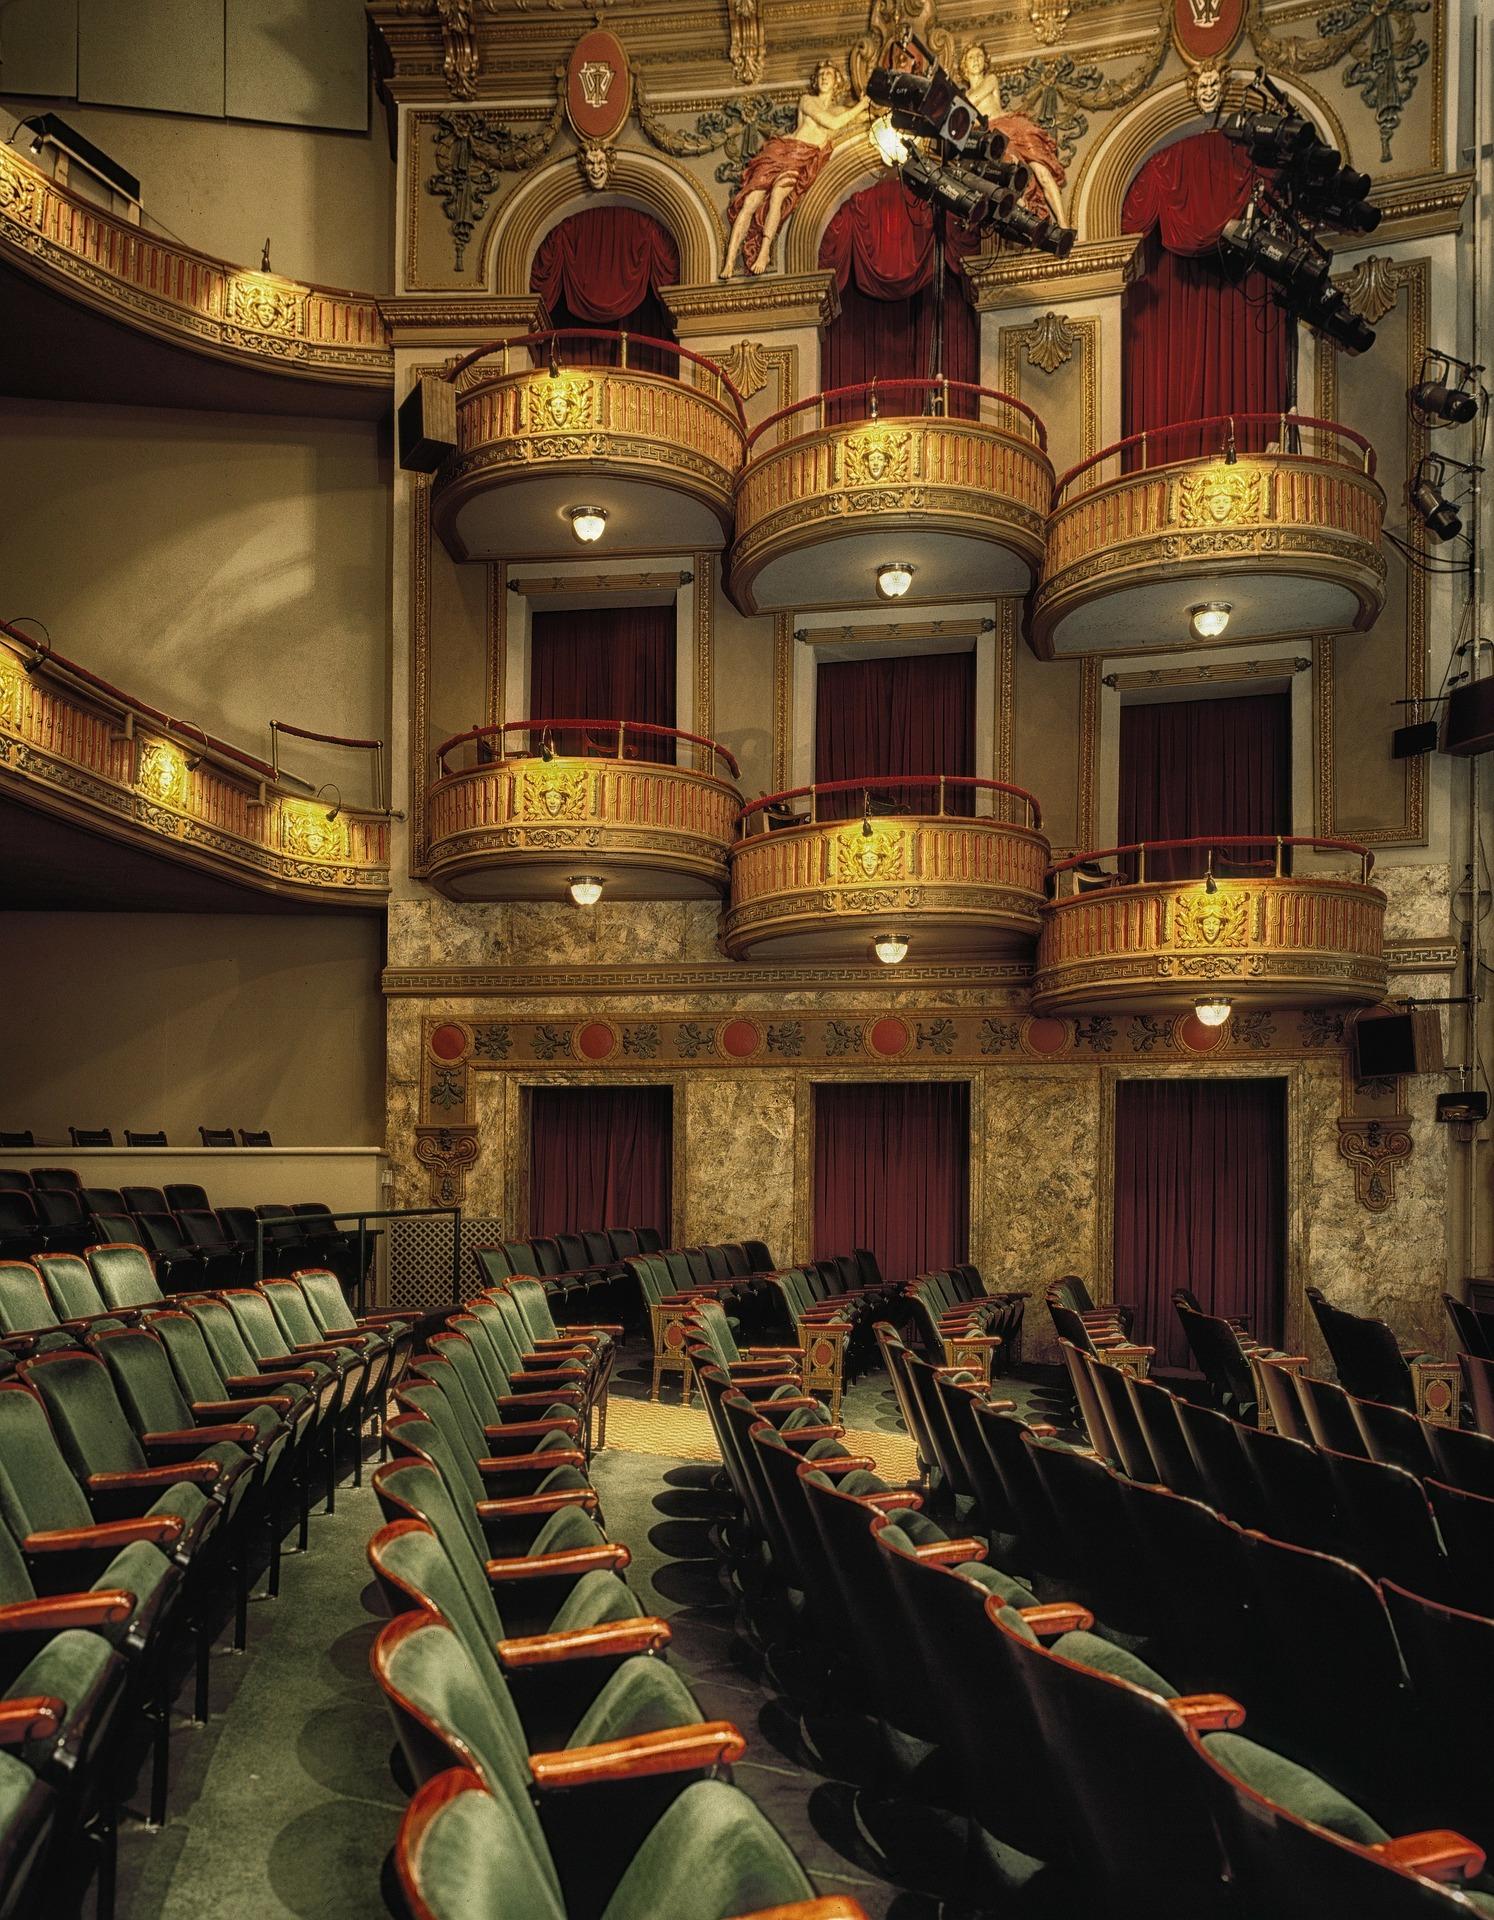 Wells theatre photo